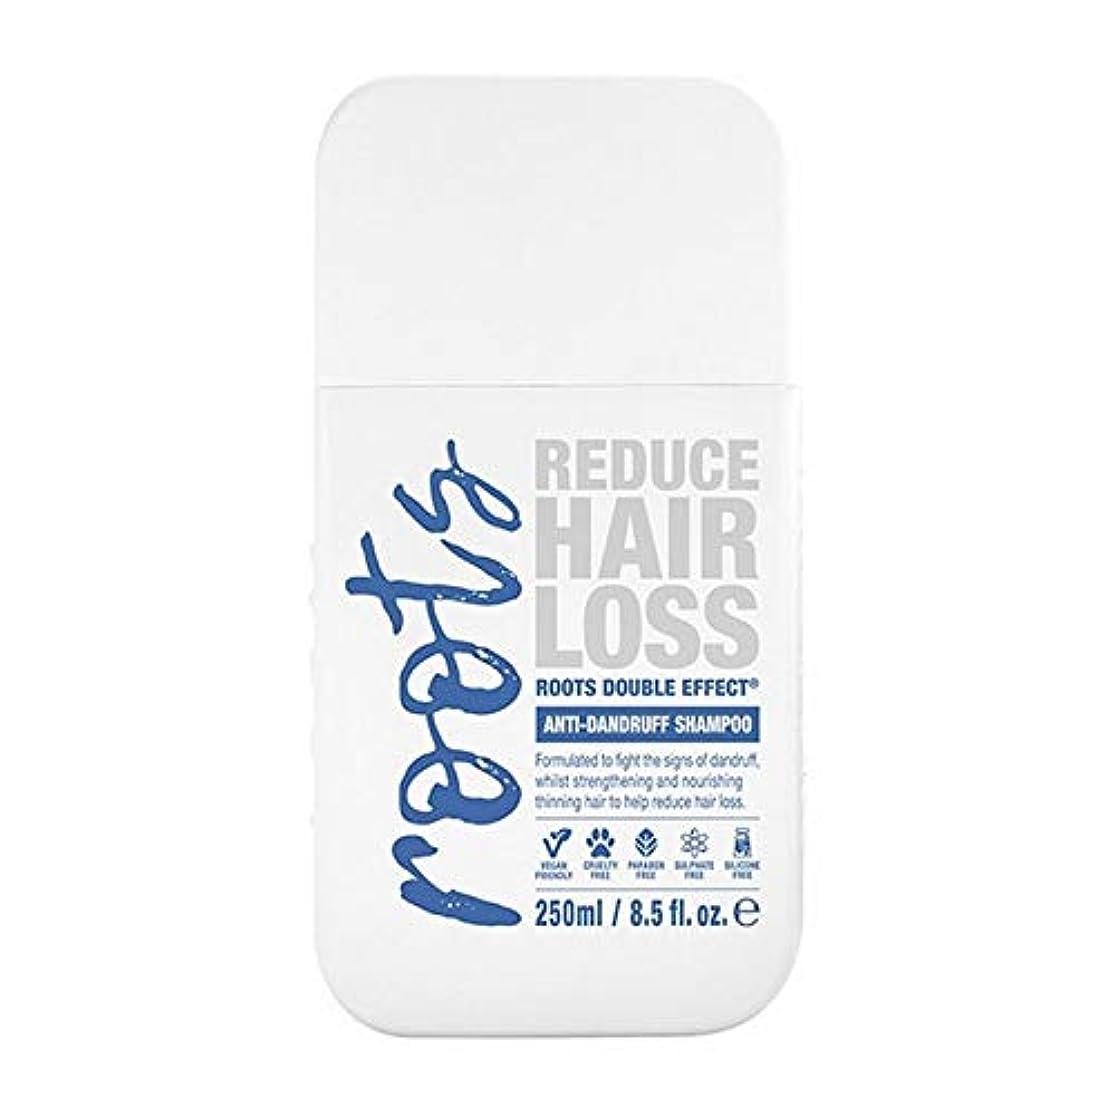 ジェームズダイソン考案する申し込む[Roots ] 根のダブル効果フケ防止シャンプー250Ml - Roots Double Effect Anti-Dandruff Shampoo 250ml [並行輸入品]